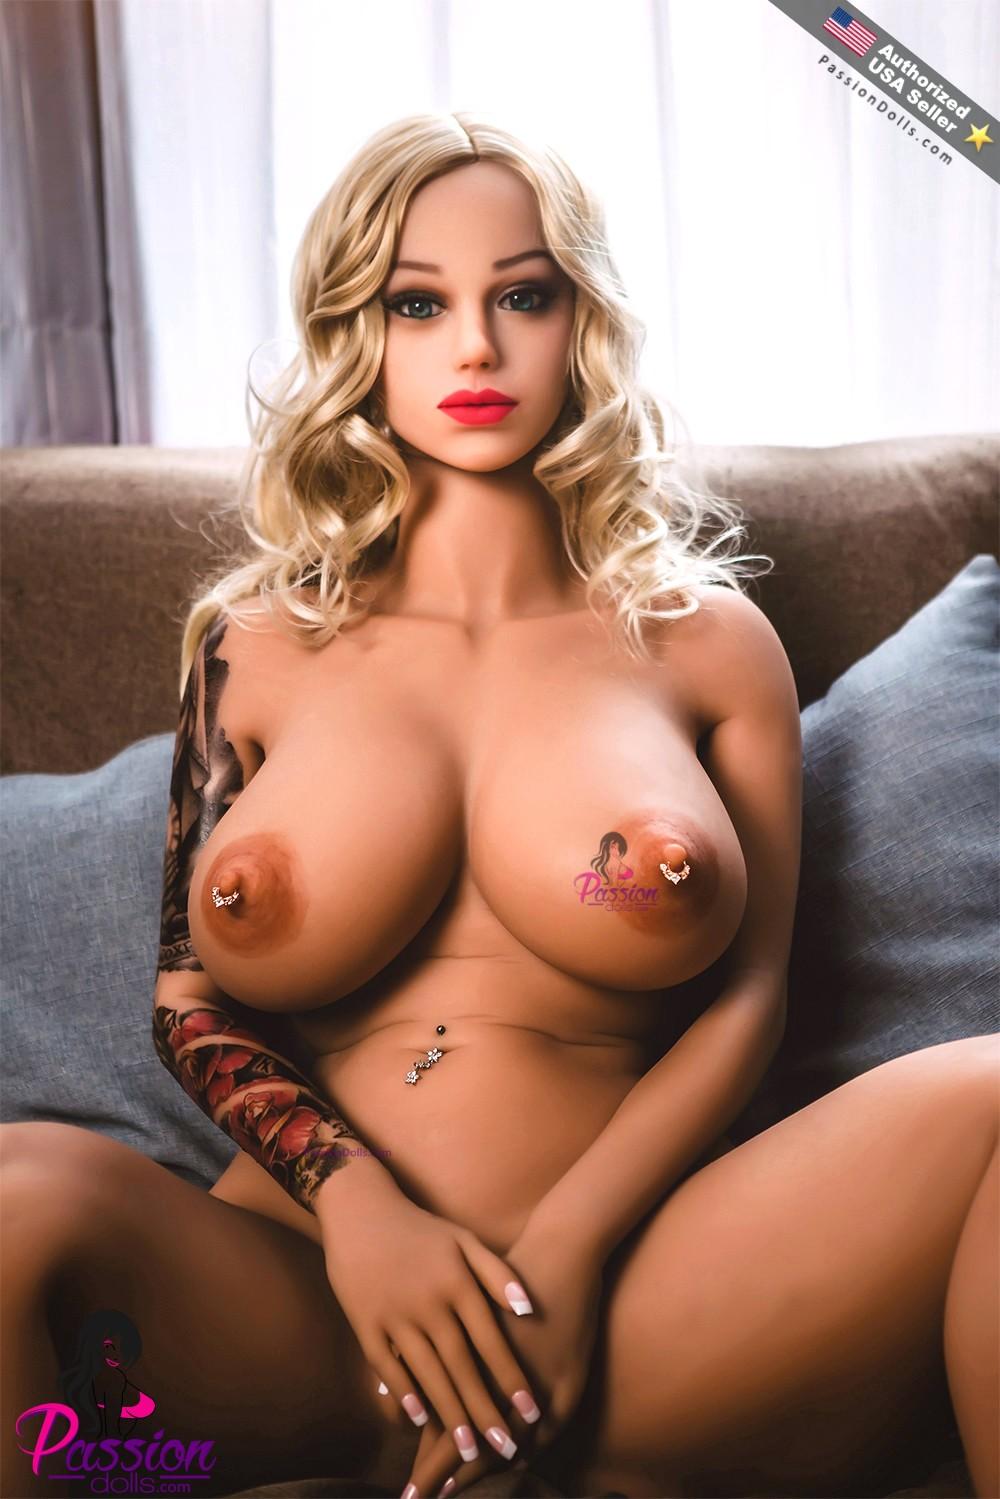 Tattooed bikini girl sex in a great outdoor location